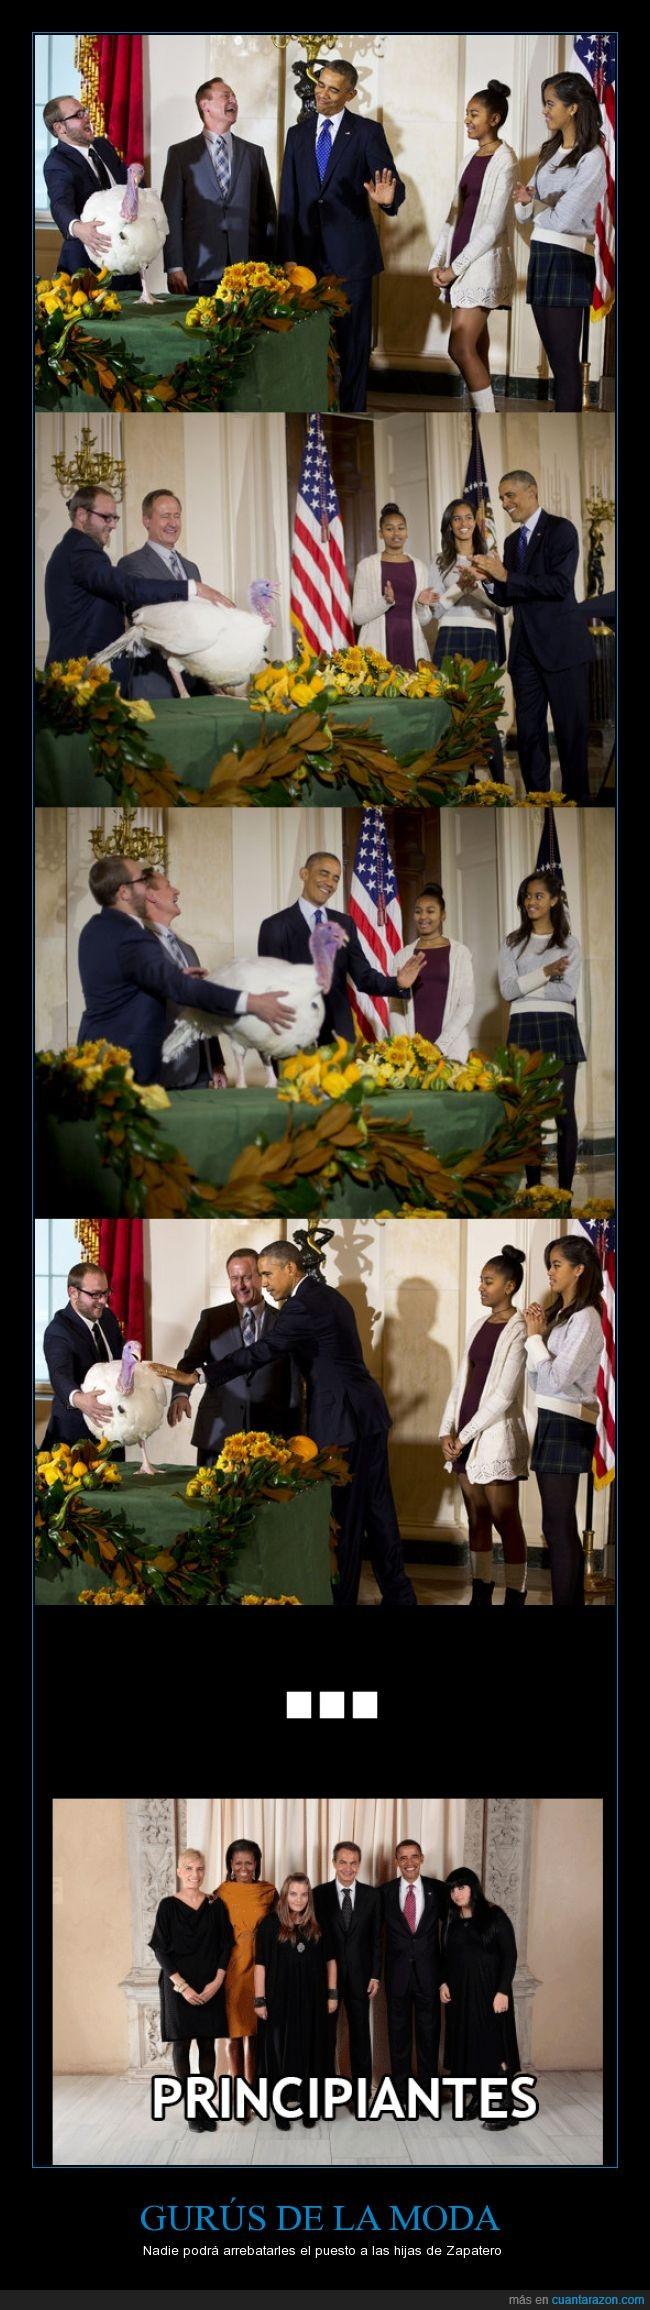 accion de gracias,corta,foto,goticas,hijas,largo,negro,obama,oficial,ropa,vestido,zapatero